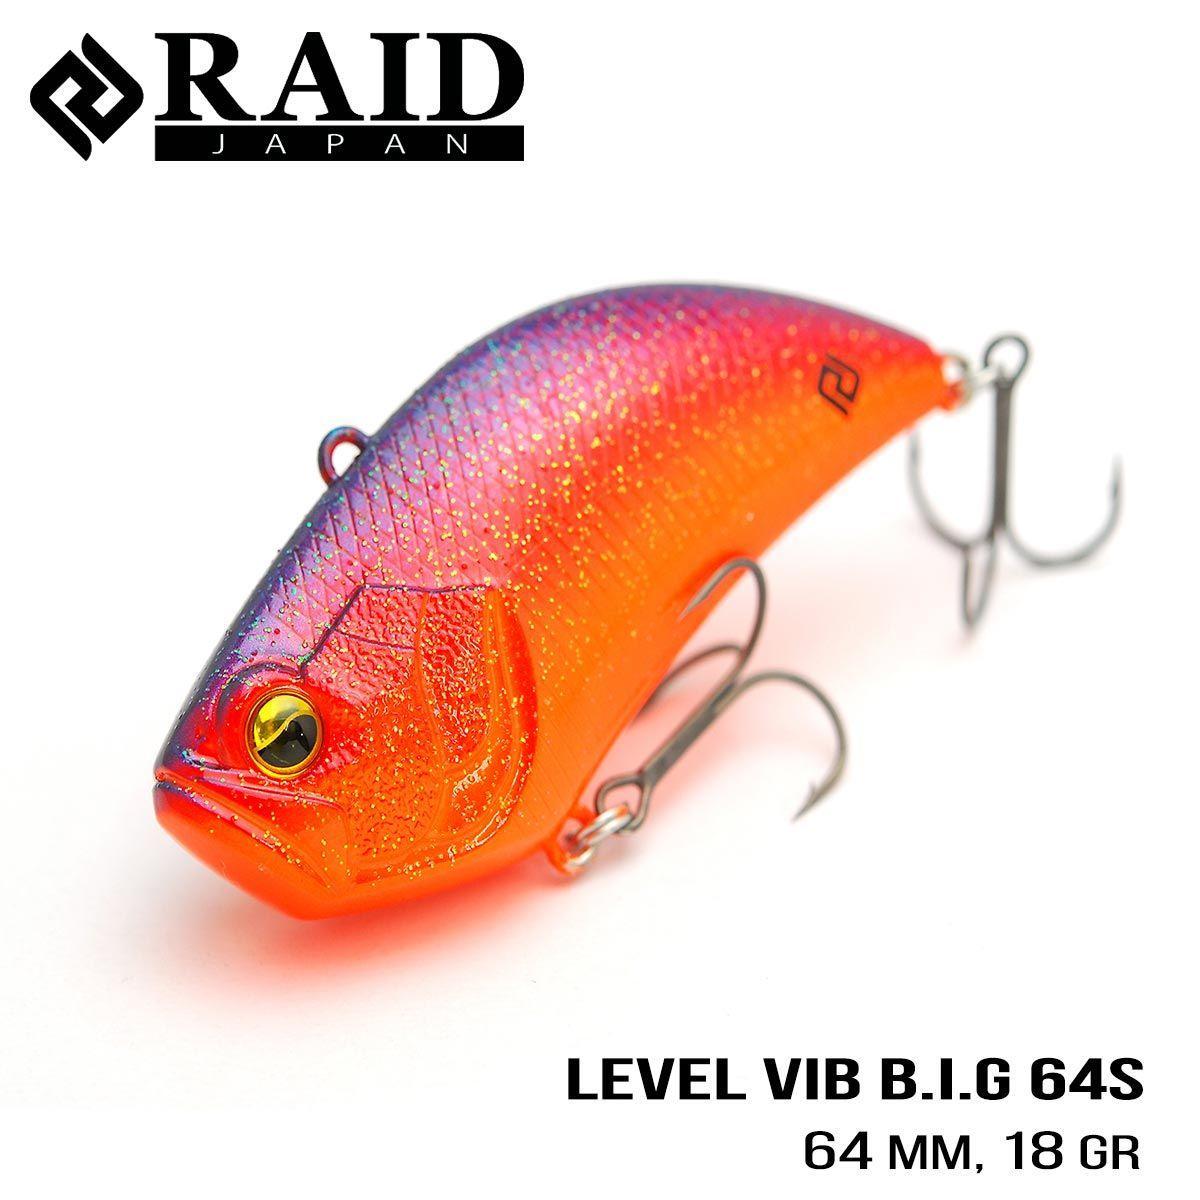 Воблер Raid Level Vib B.I.G. (64mm, 18g) (013 Skeleton)